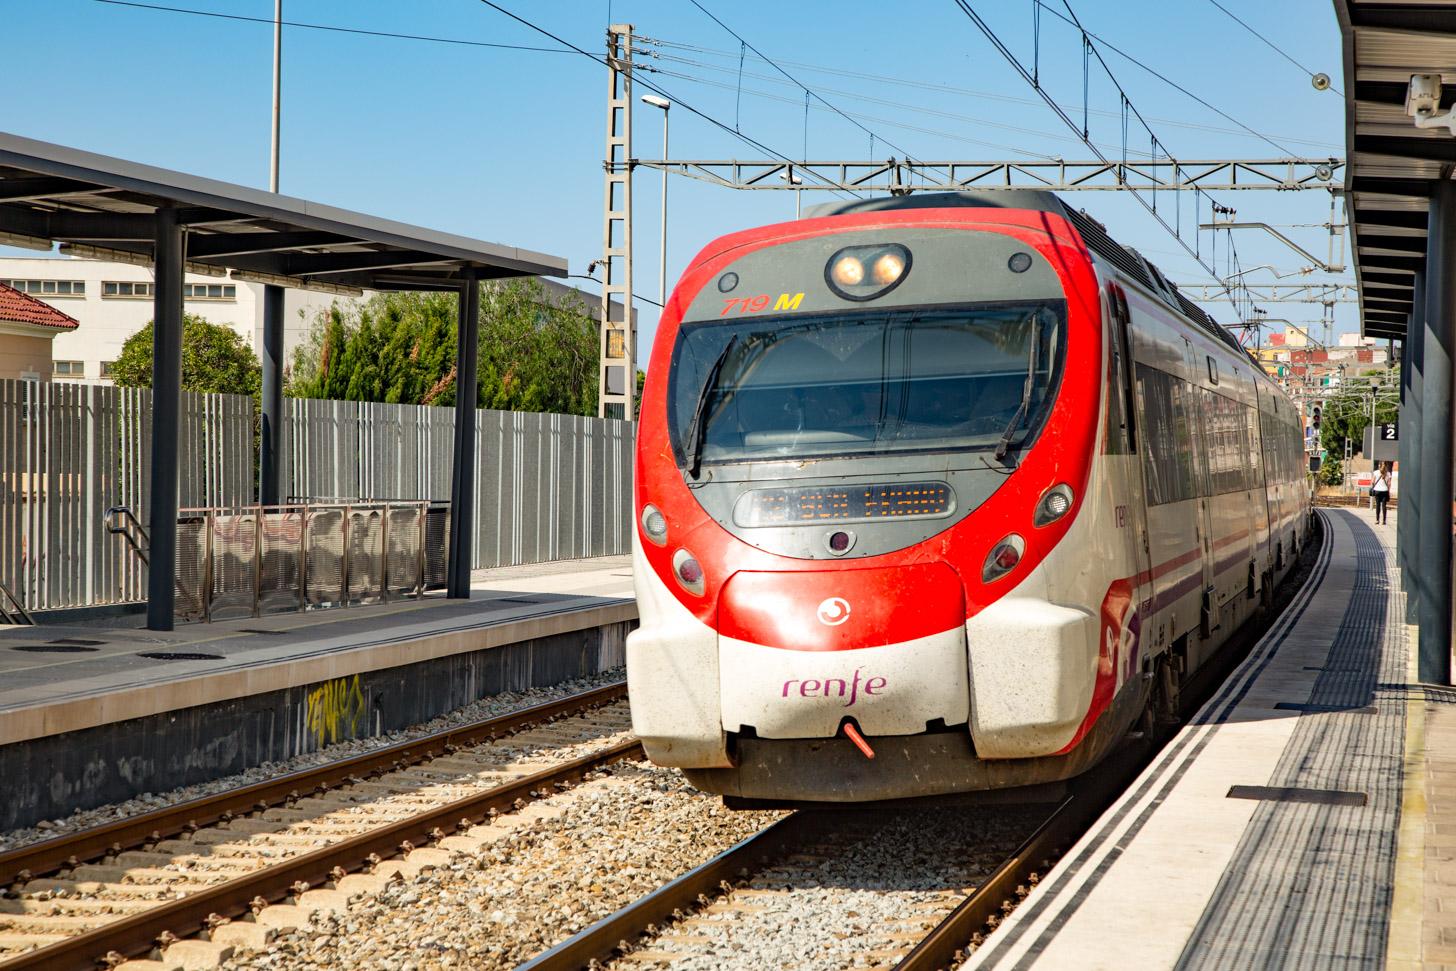 Met de trein naar Spanje reizen